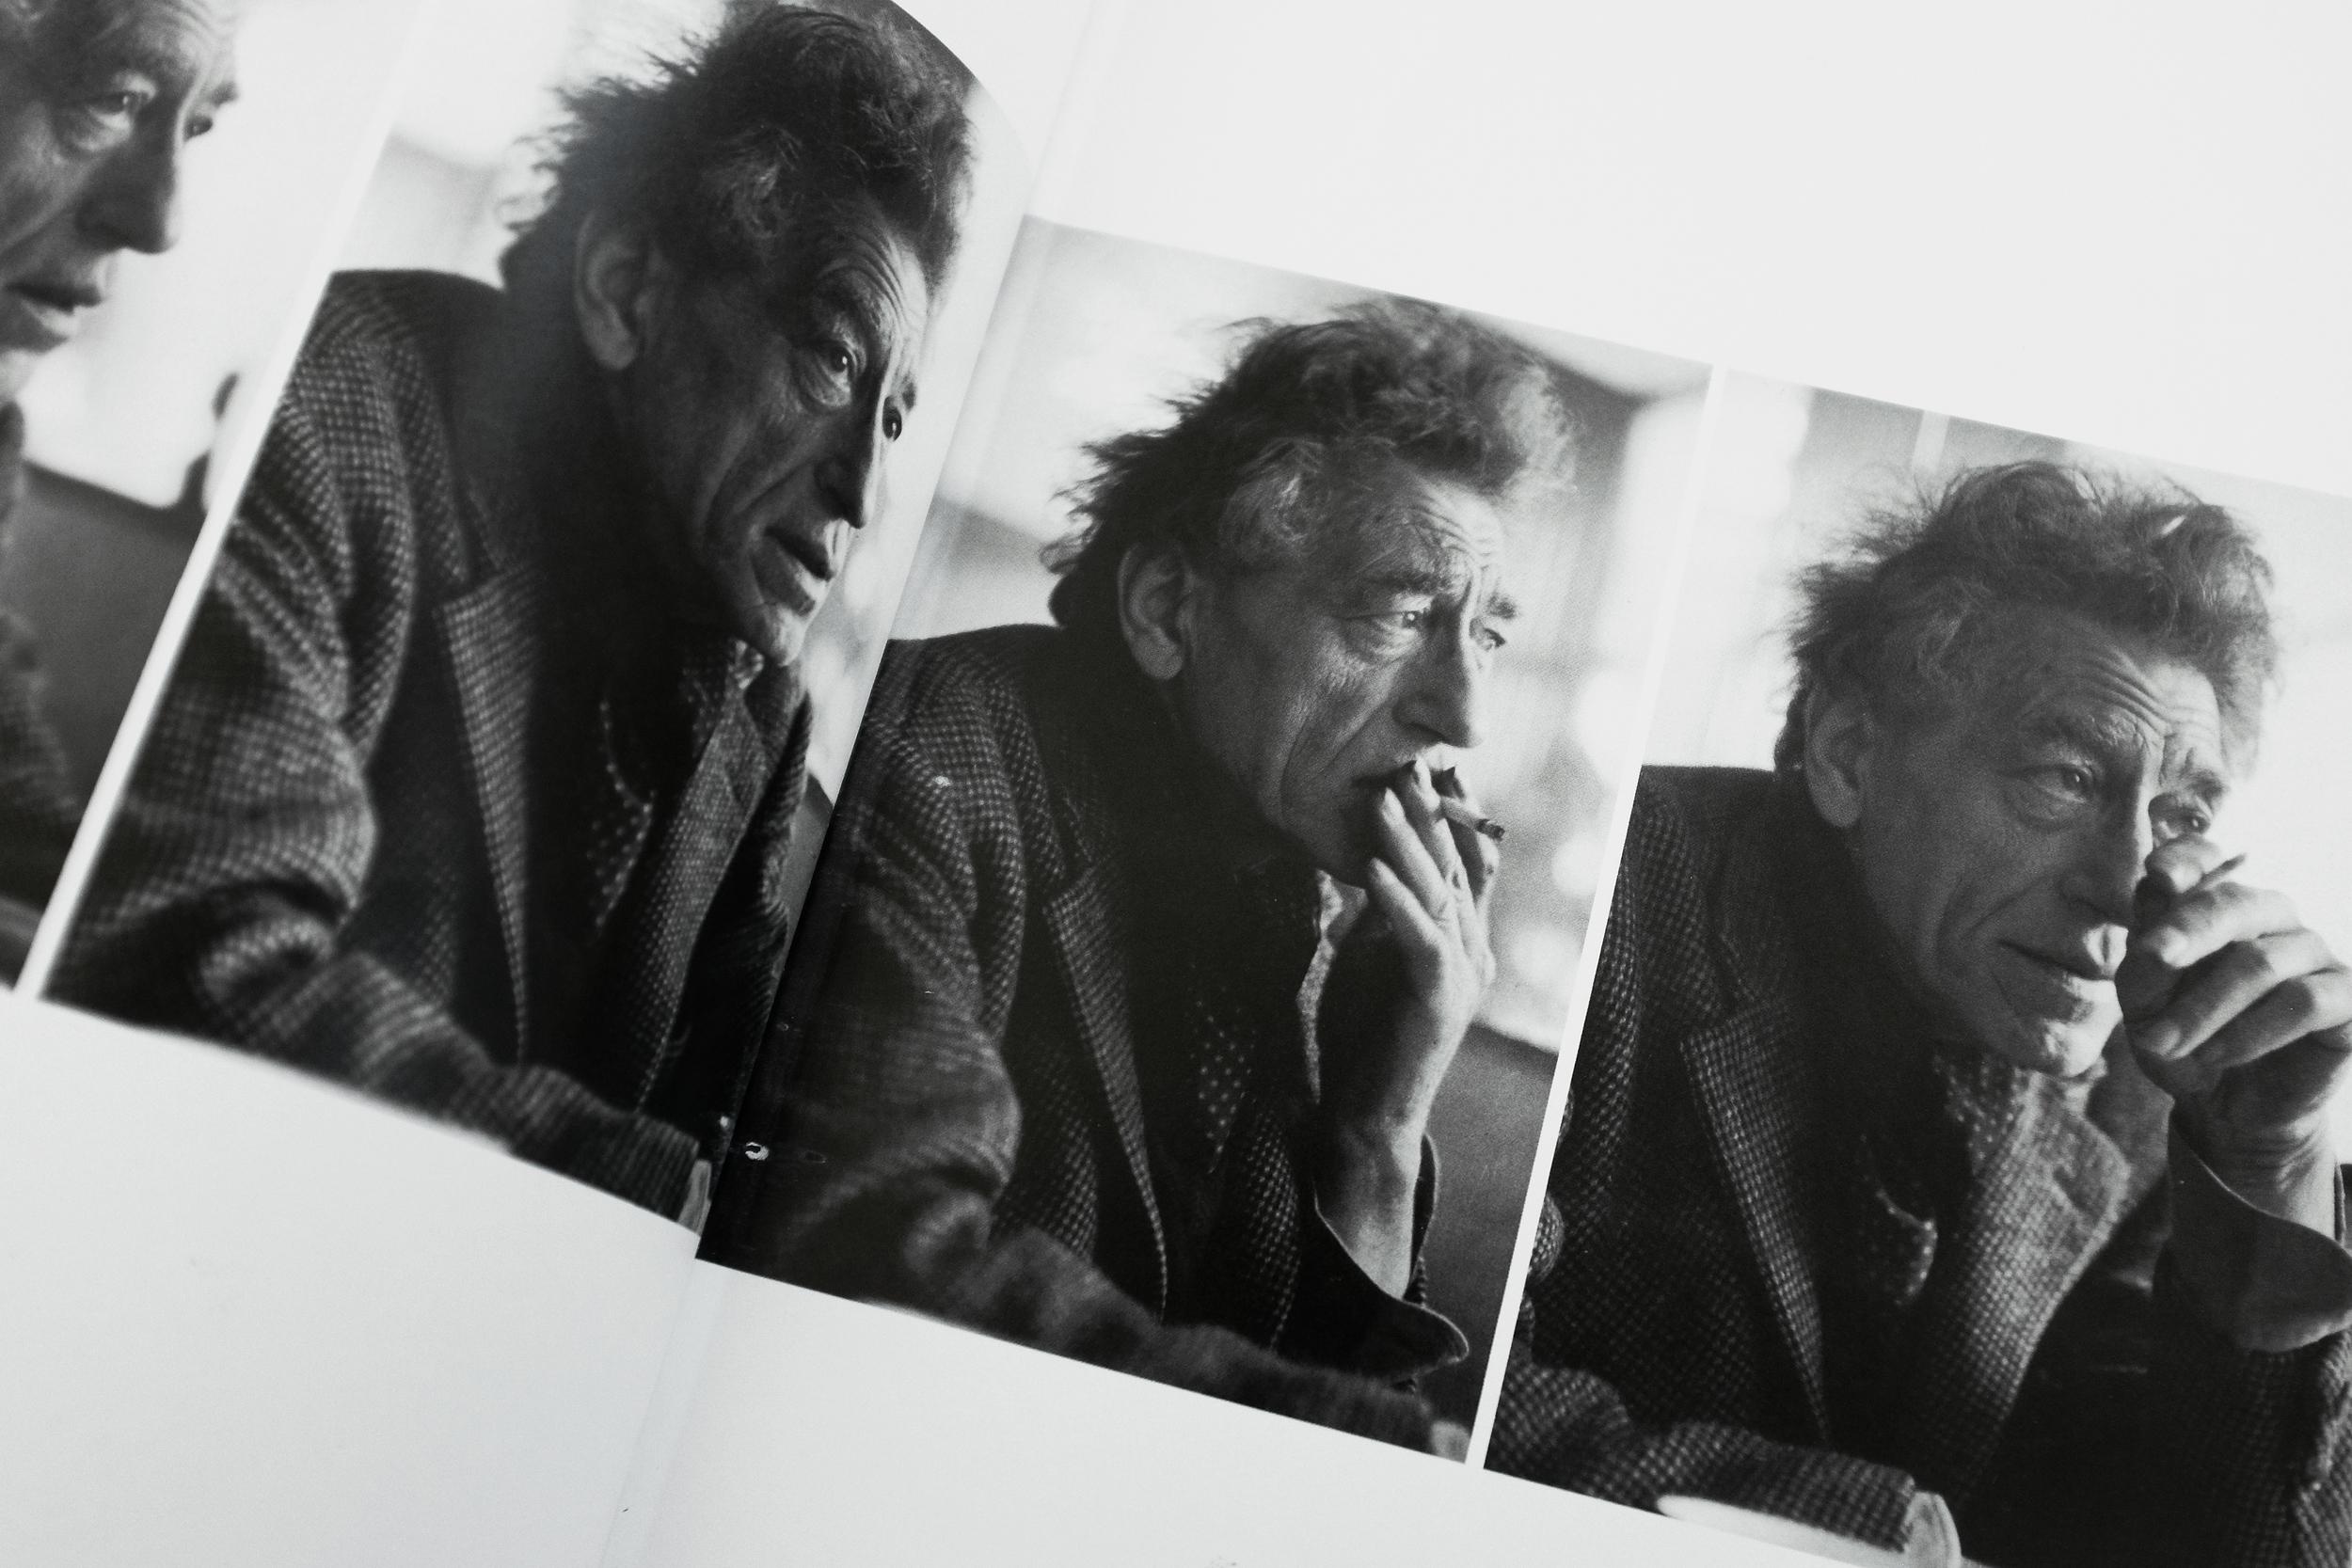 giacometti_book6.jpg